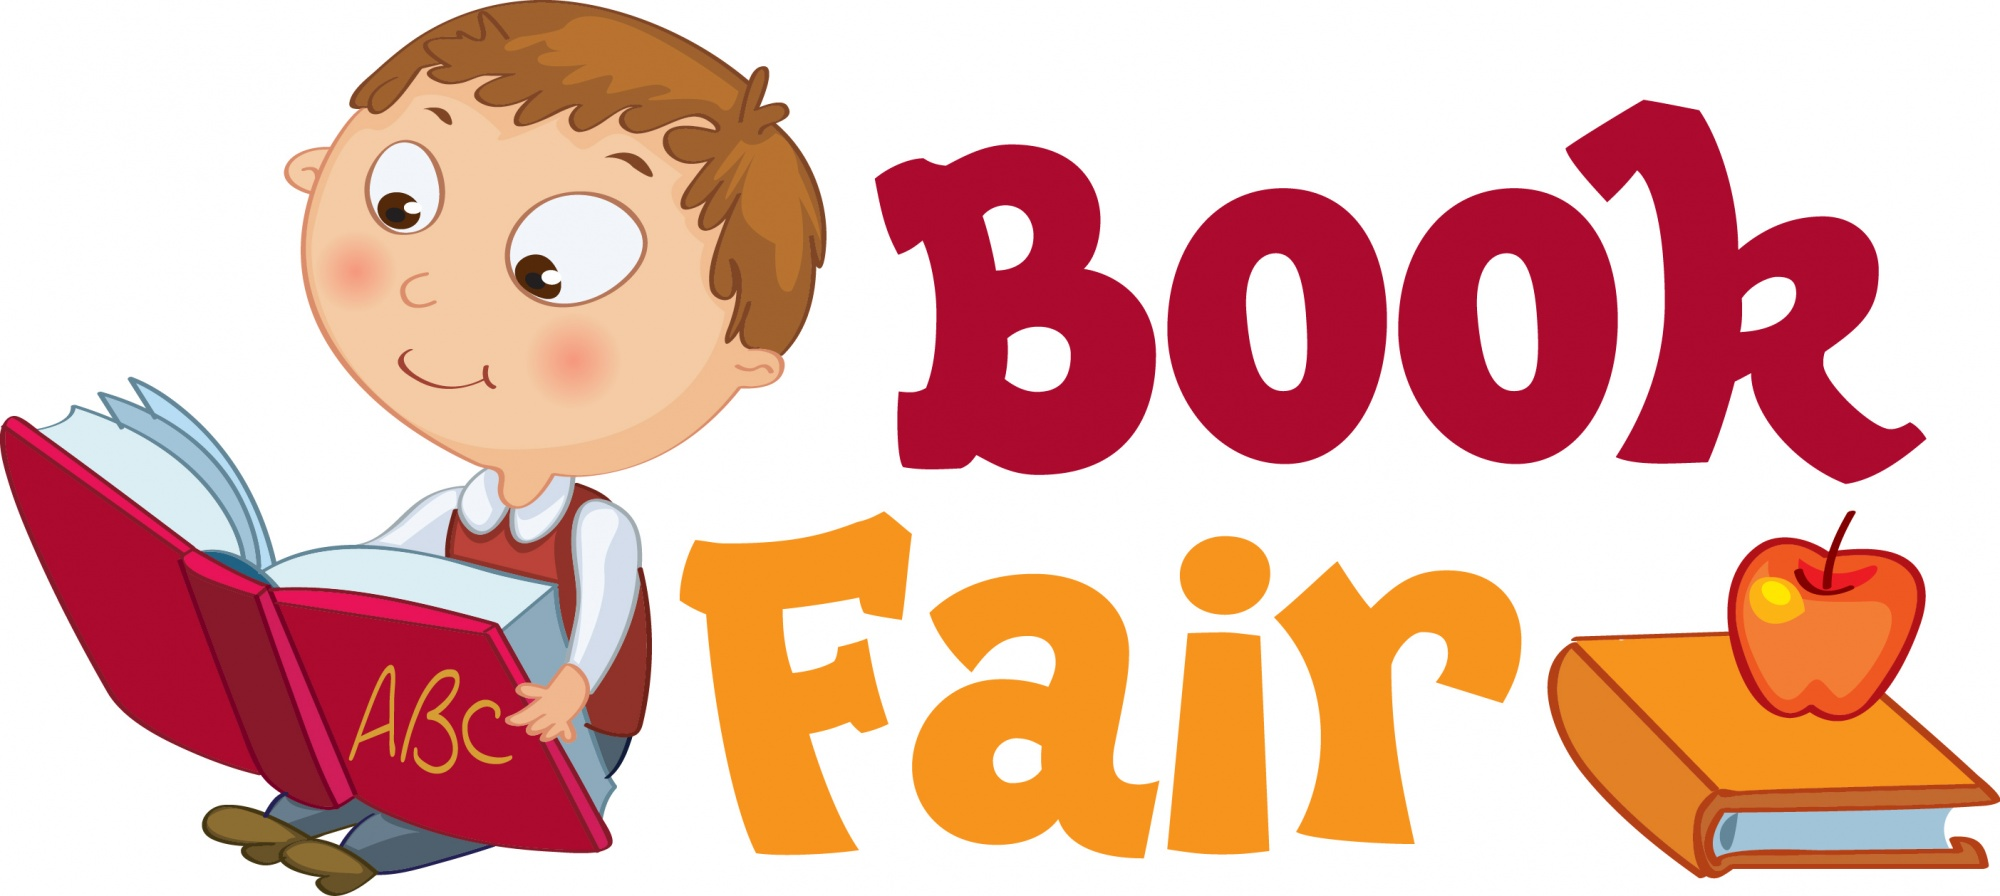 Book Fair Clipart - Cliparts.co